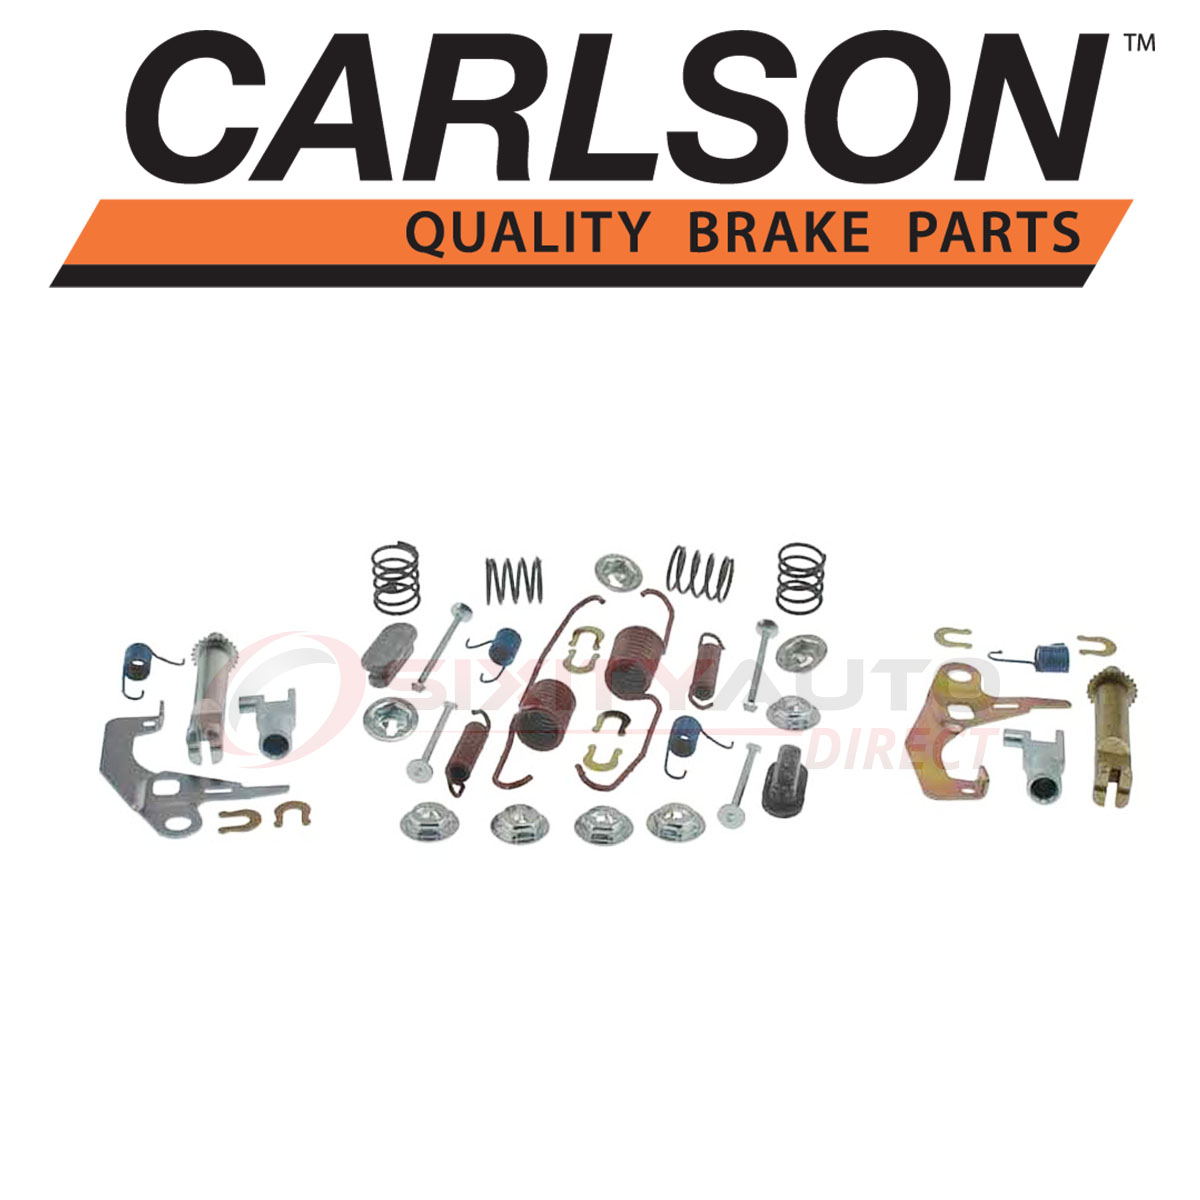 Shoe nx Carlson Rear Drum Brake Hardware Kit for 1989-2004 Nissan Pickup